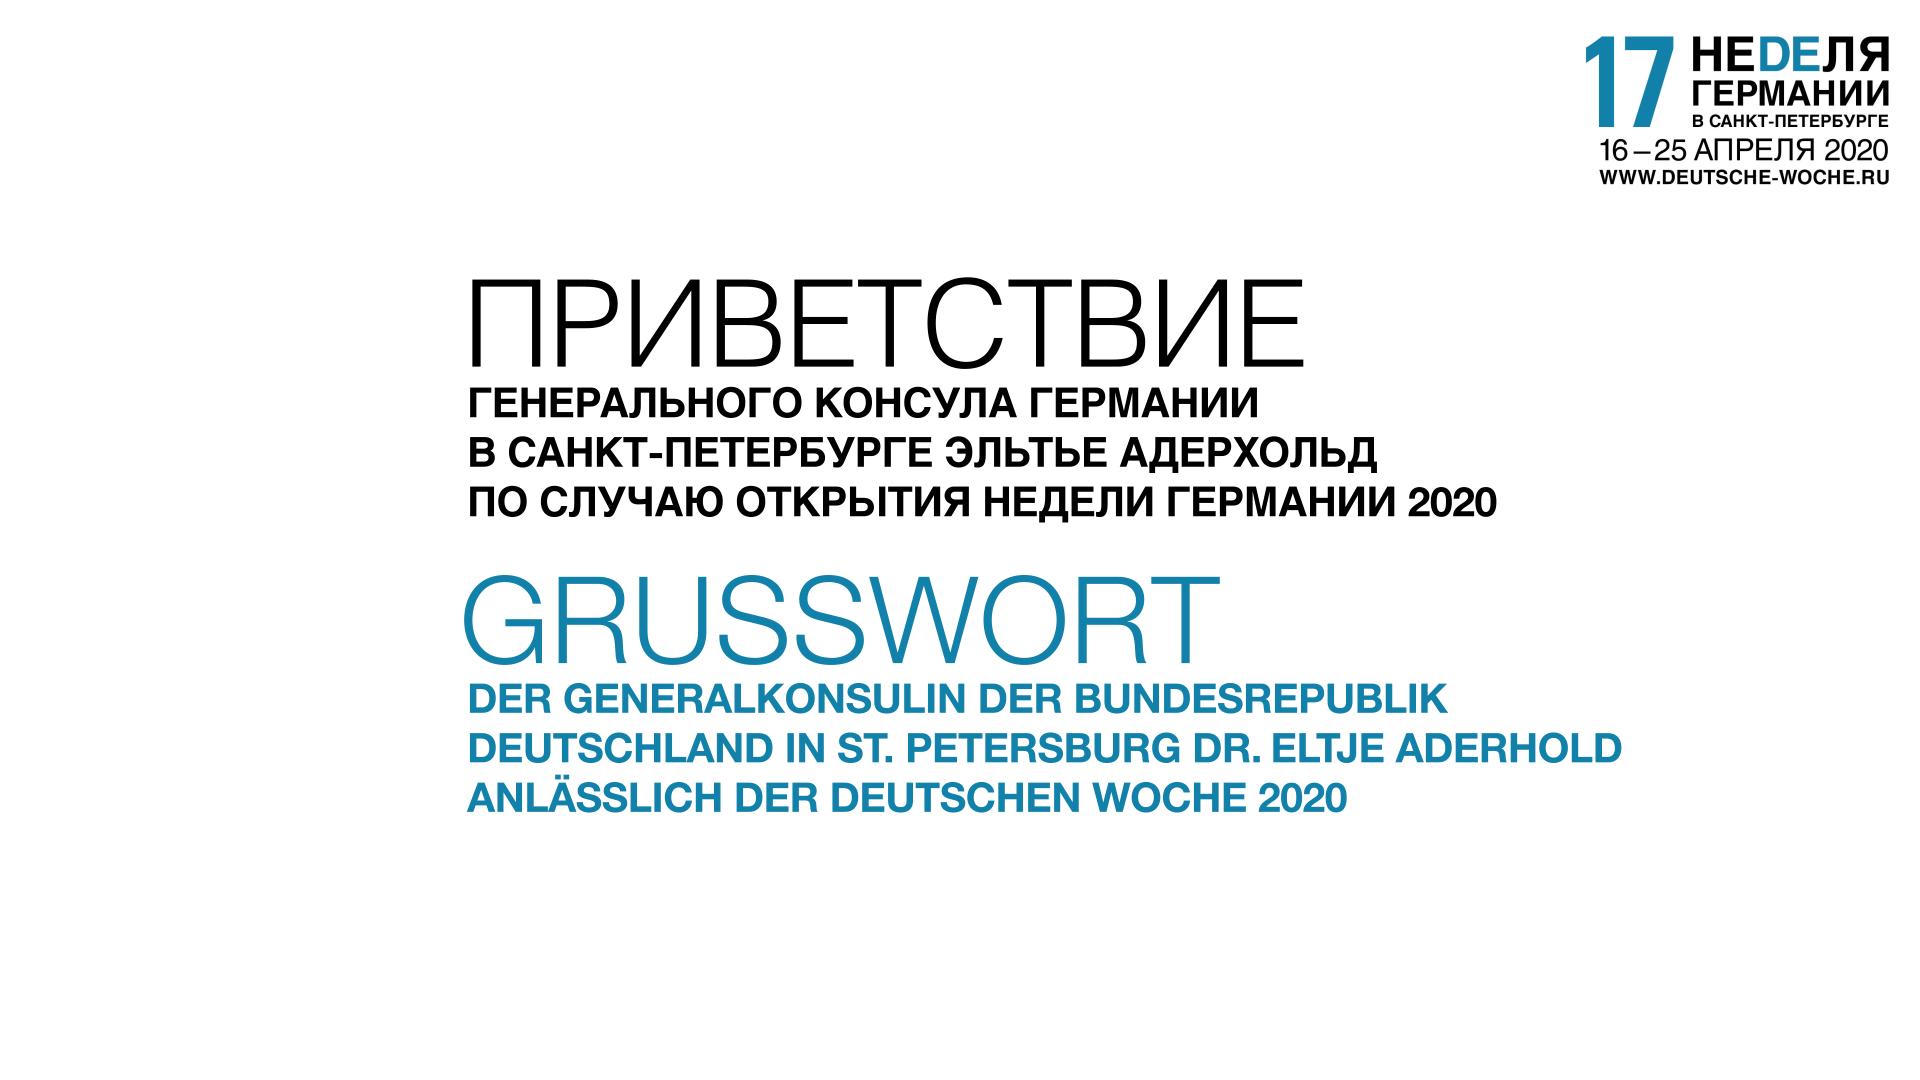 Virtuelle DW2020 - Виртуальная Неделя Германии 2020 - Приветствие Генерального консула  Адерхольд